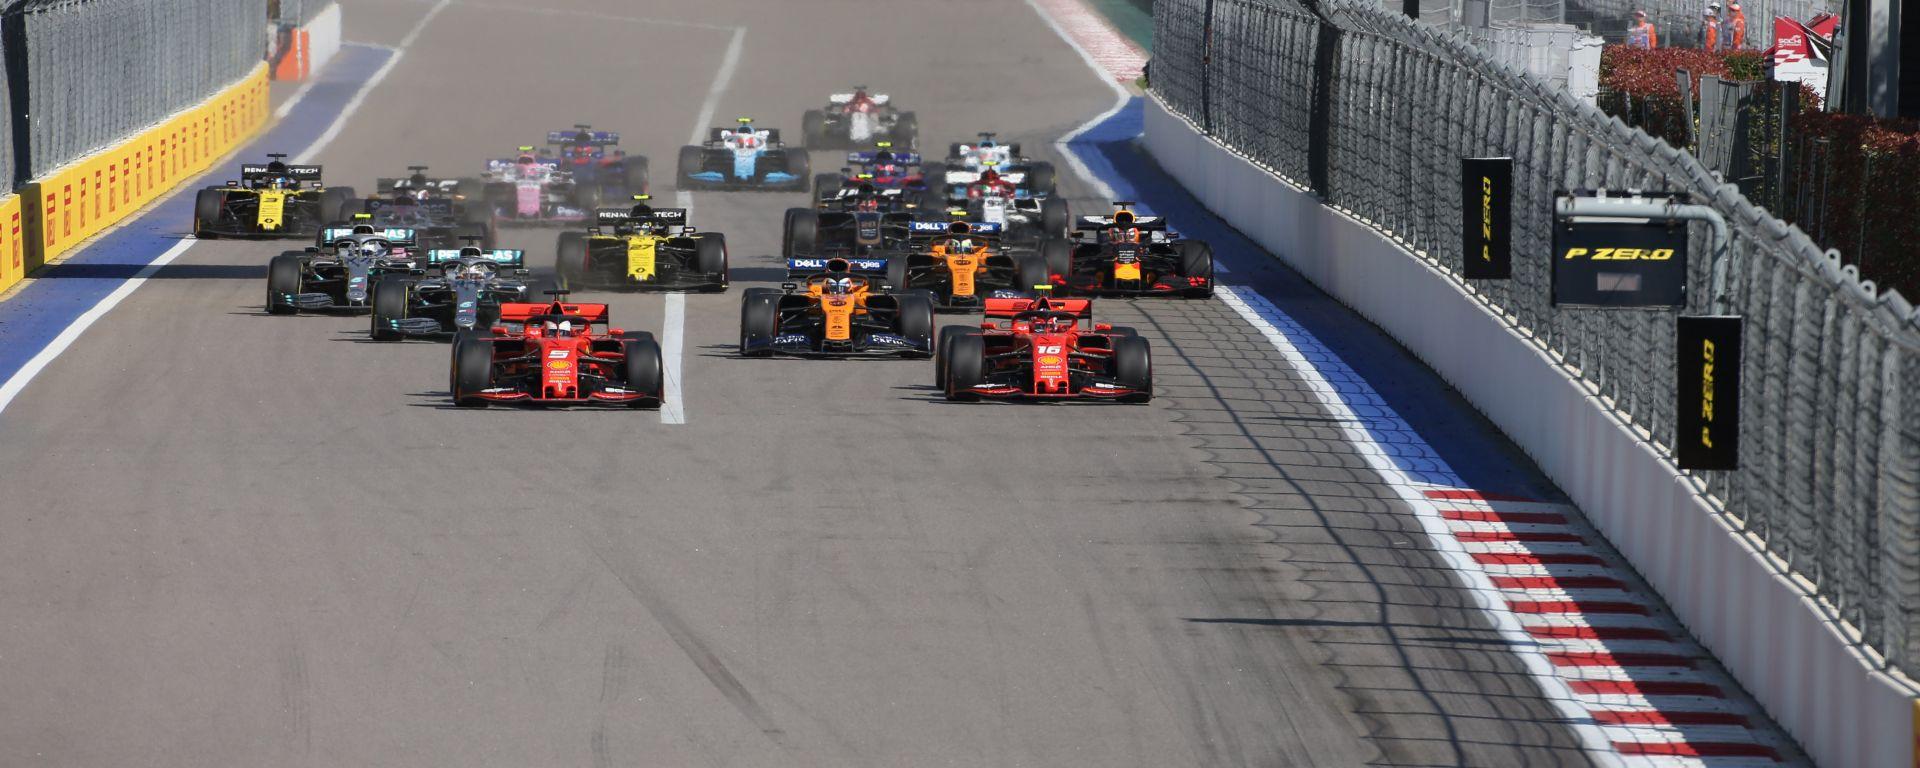 F1 GP Russia 2019, Sochi: la partenza della gara